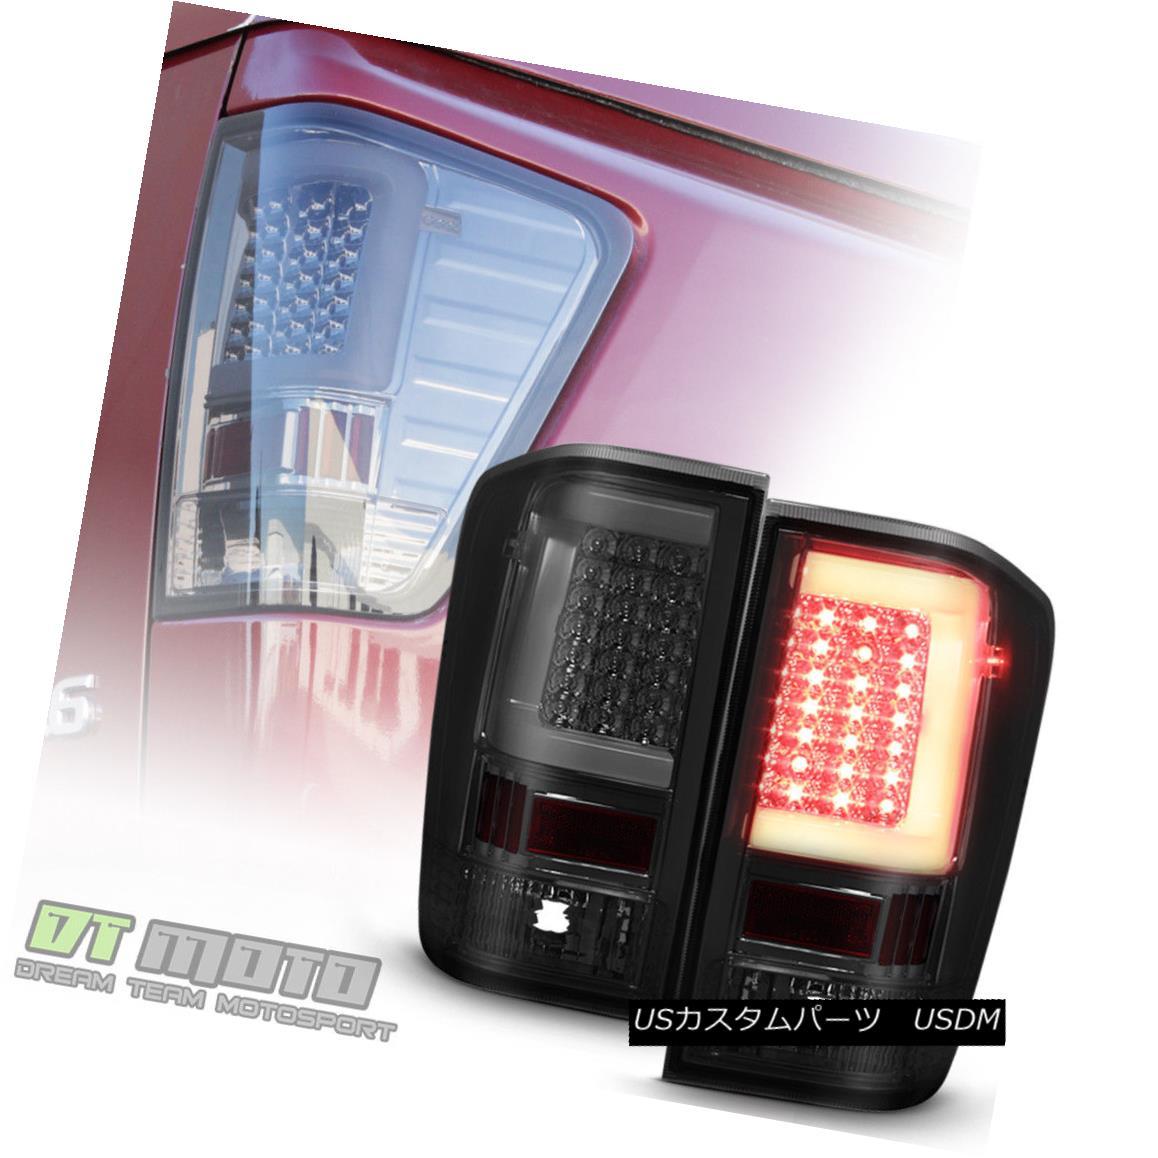 テールライト NEW Style LED Light Tube Smoke Tail Lights Lamps For 2004-2015 Titan 5.6L Truck 新しいスタイルLEDライトチューブ煙テールライトランプ2004年から2015年タイタン5.6Lトラック